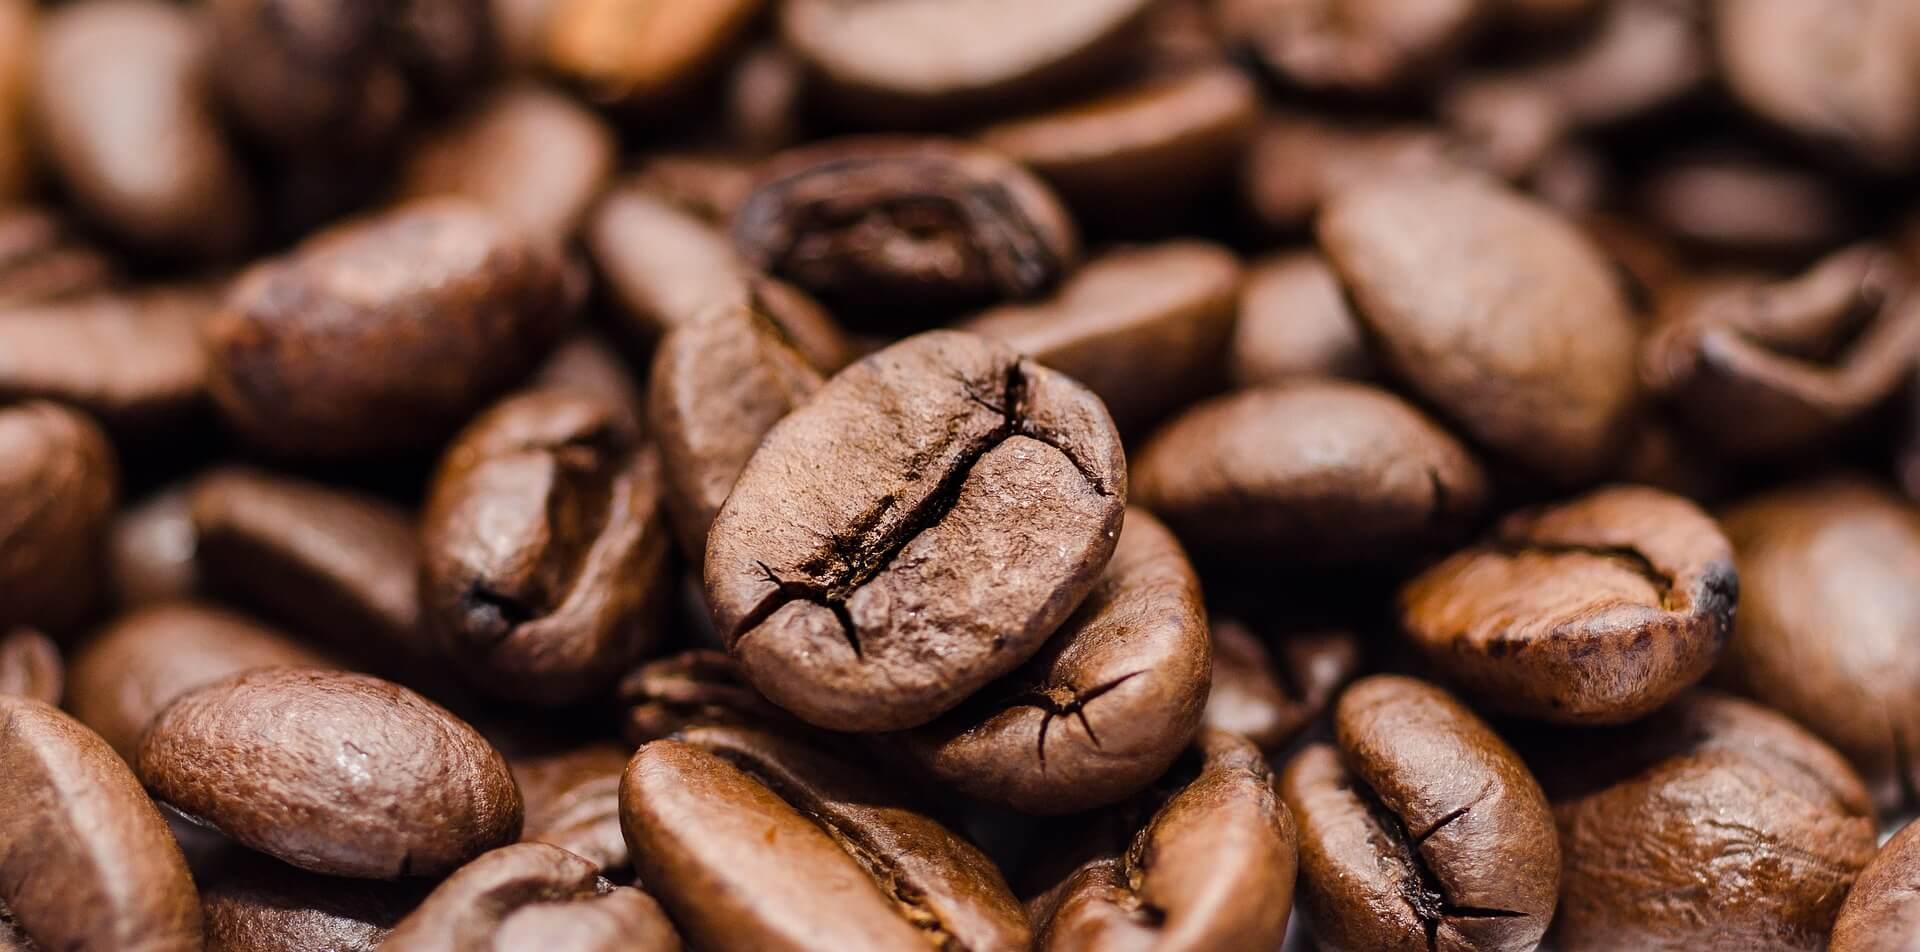 extrait de café pâtisserie